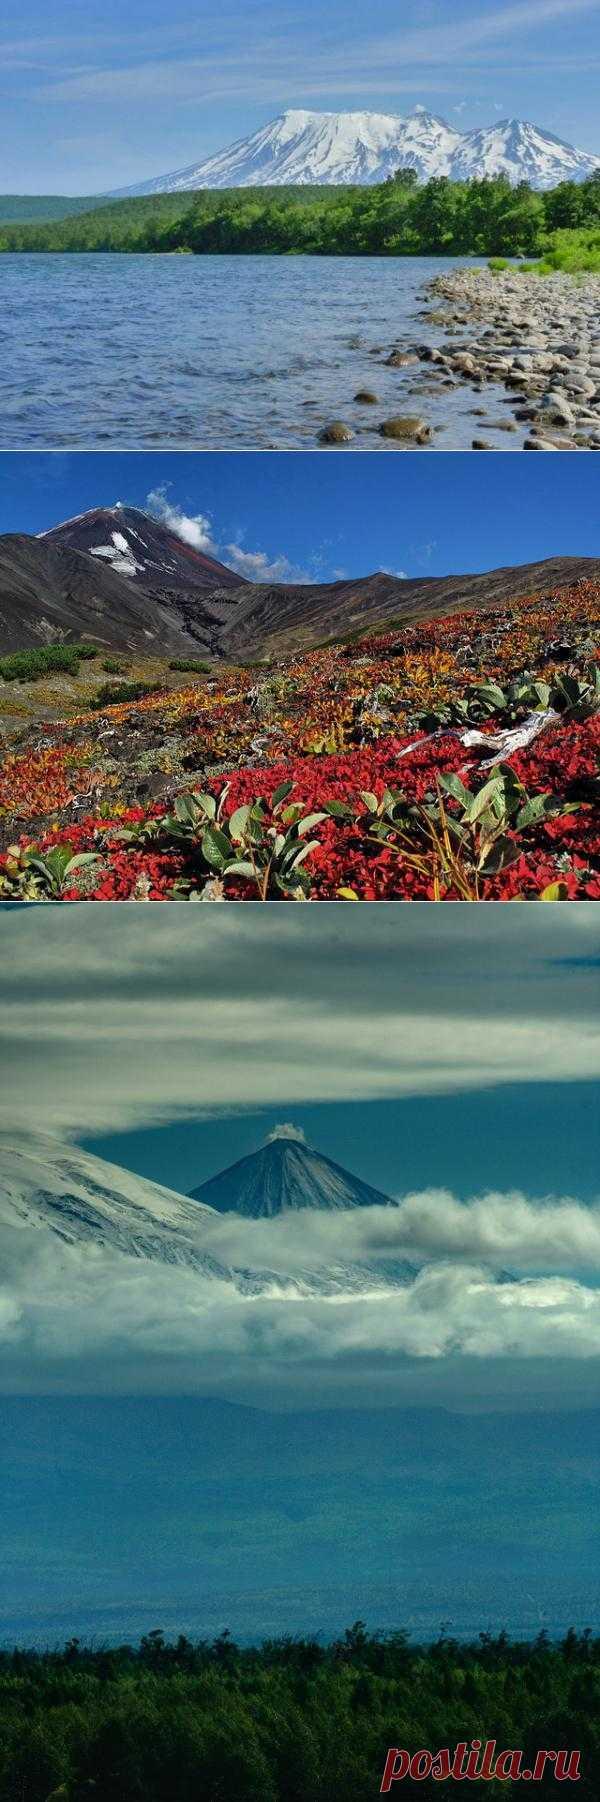 Вулканы Камчатки. Каменные факелы еще неостывшей земли Камчатского полуострова привлекают ученых и путешественников с разных уголков земли, ведь именно здесь сосредоточена 10-я часть всех вулканов нашей планеты. На Камчатке находятся приблизительно около 1000 вулканов, из которых 30 являются действующими. Камчатка, Россия